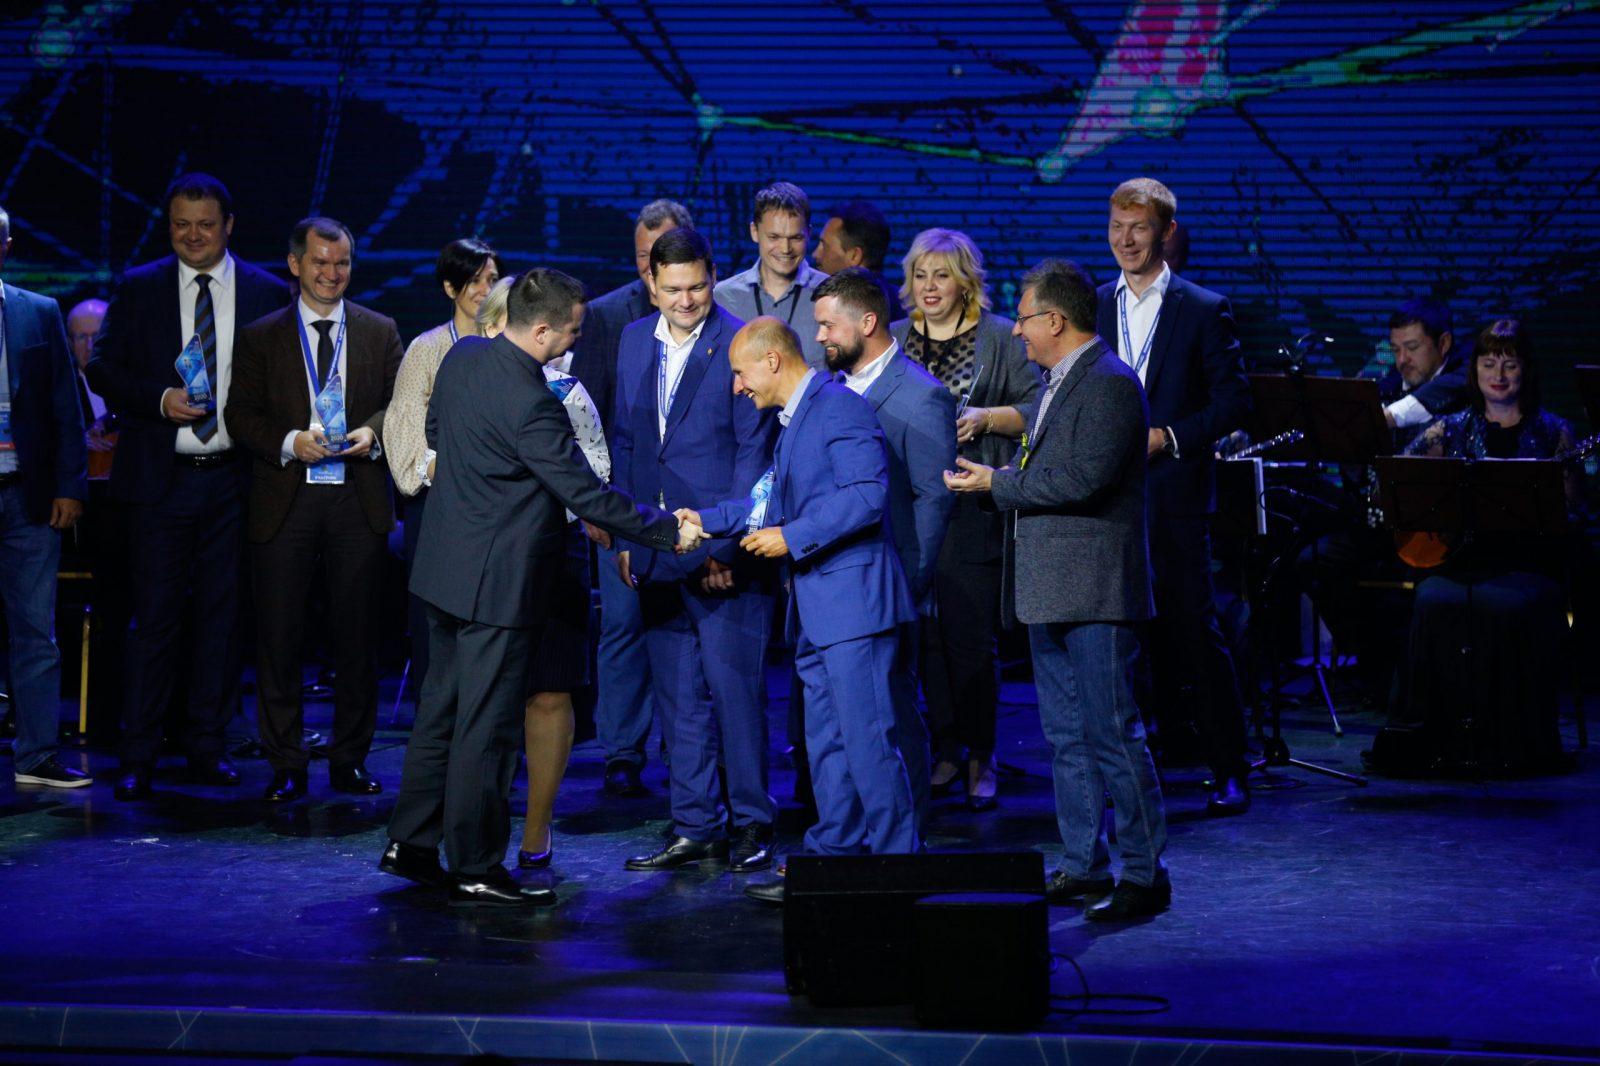 Состоялось награждение победителей конкурса IT-проектов форума «ПРОФ-IT.2020»